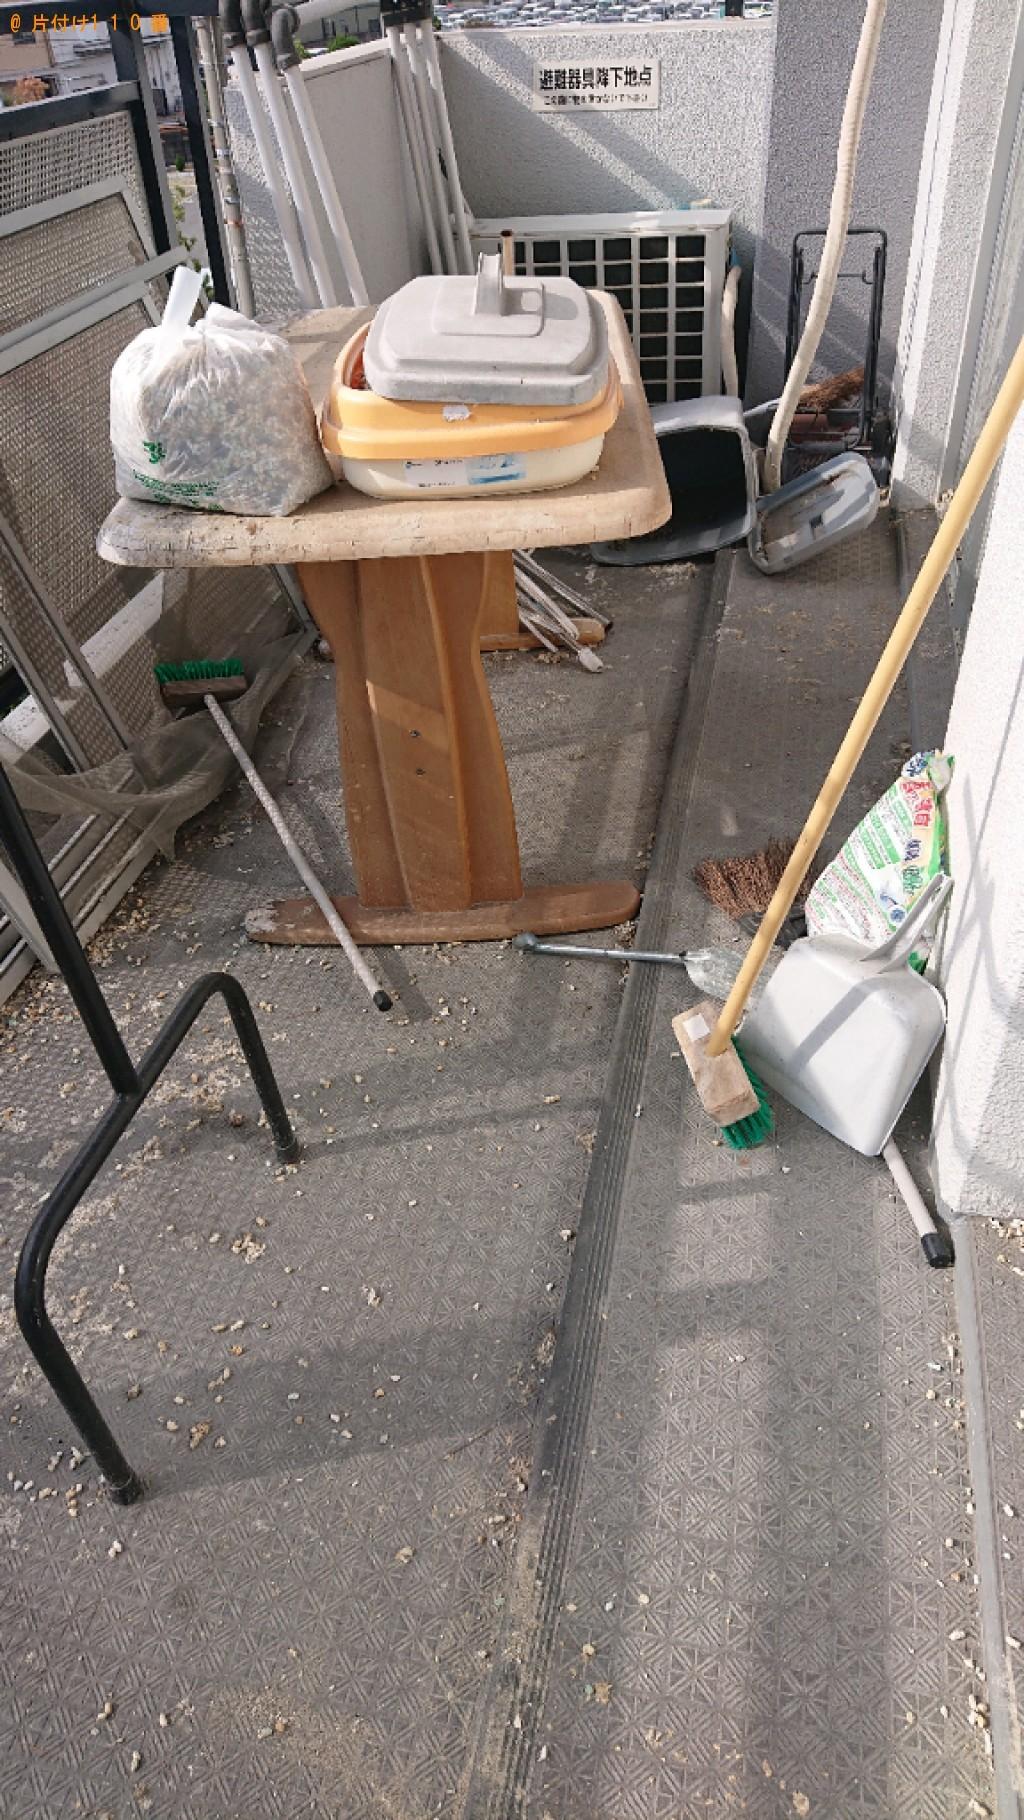 【松江市】テーブルの回収とベランダクリーニングご依頼 お客様の声